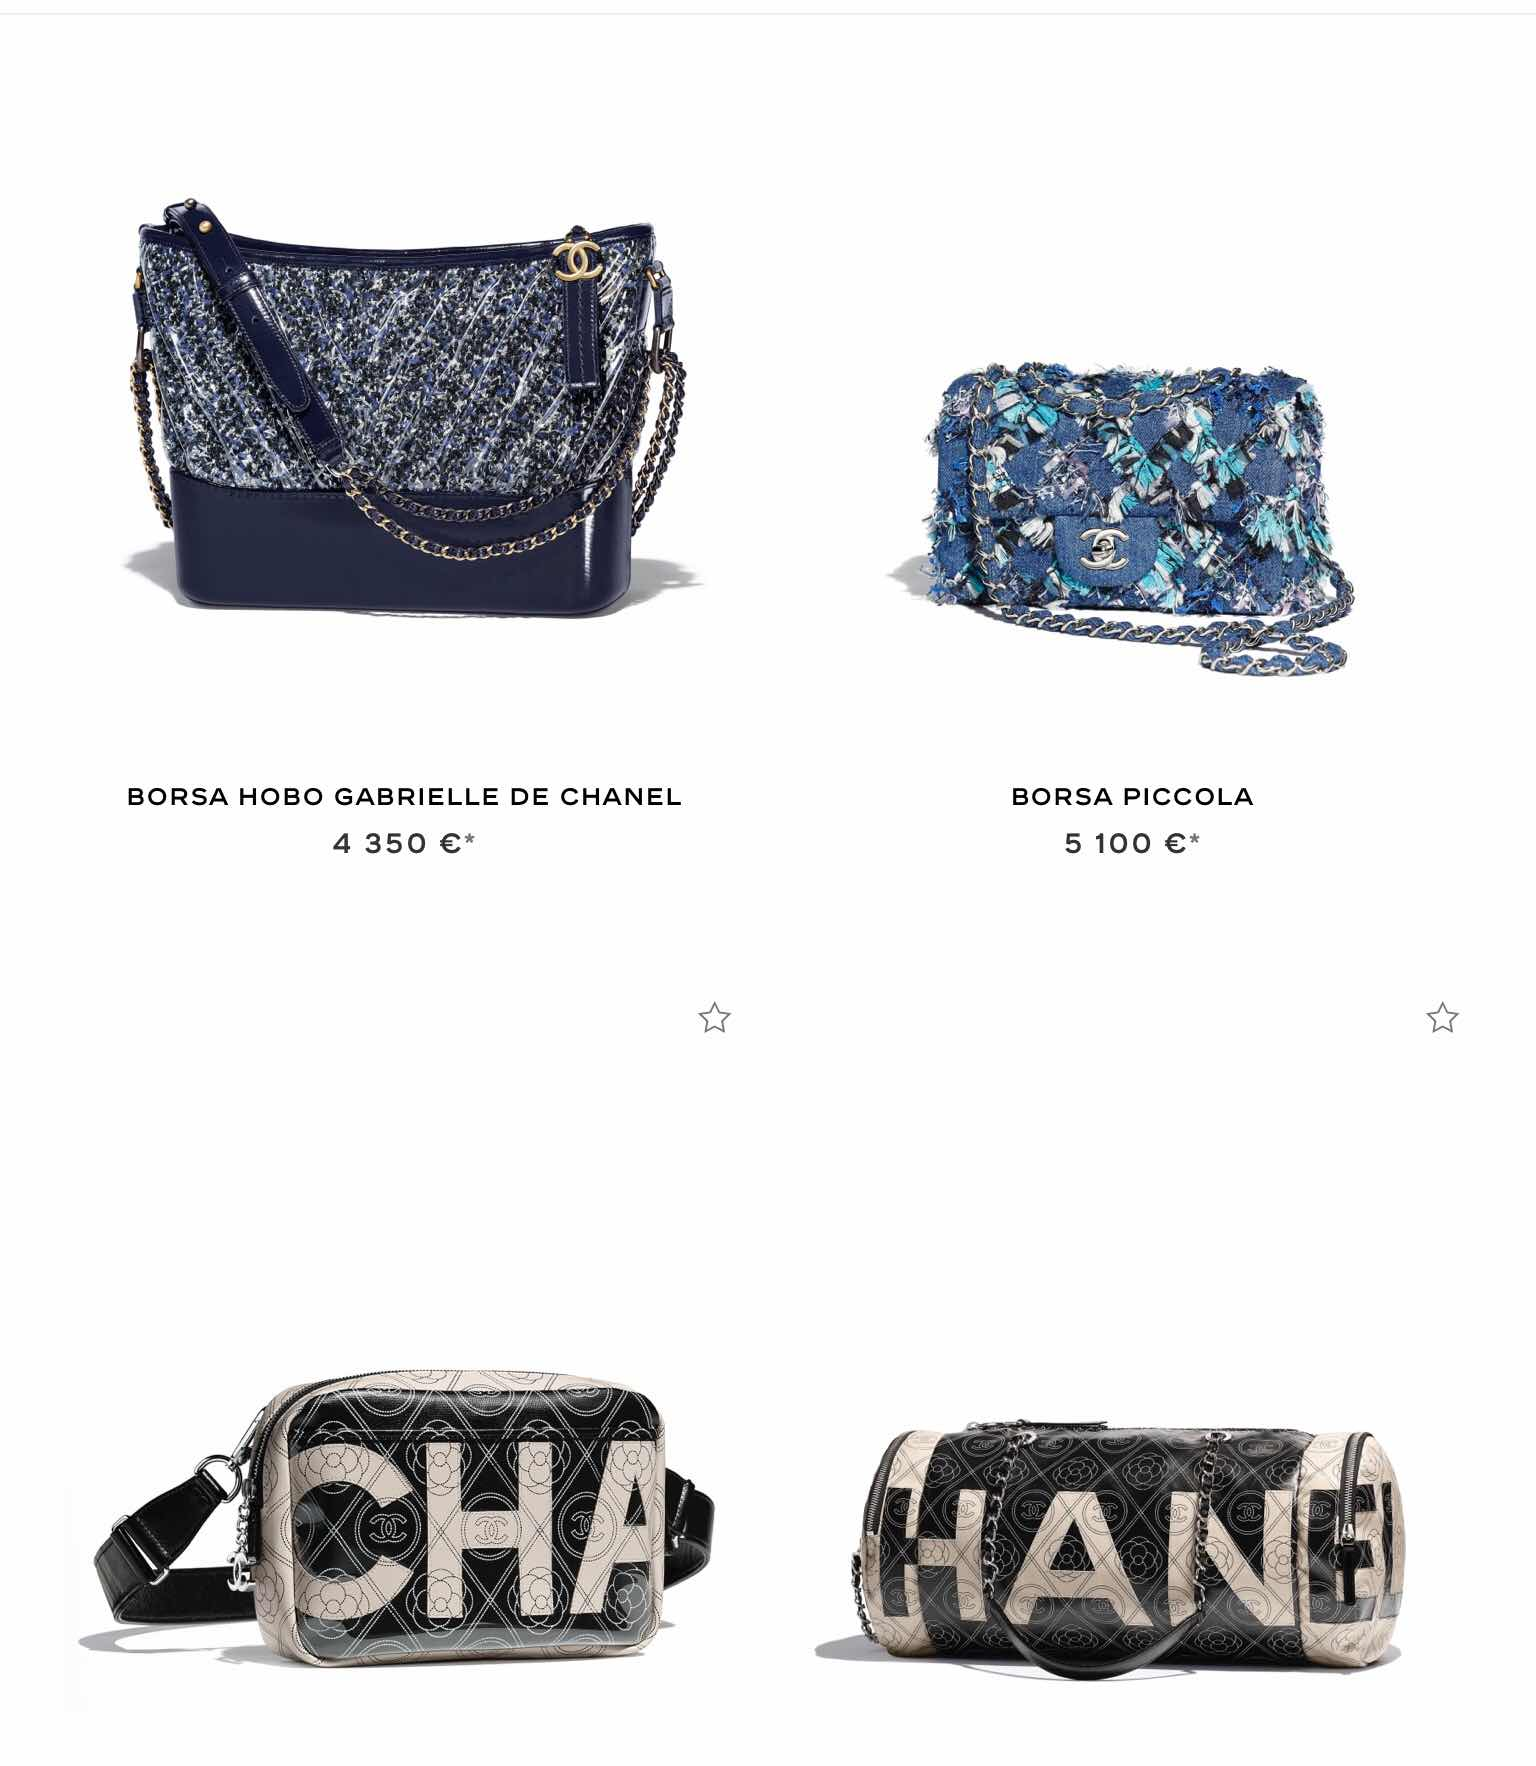 Borse Chanel 2018